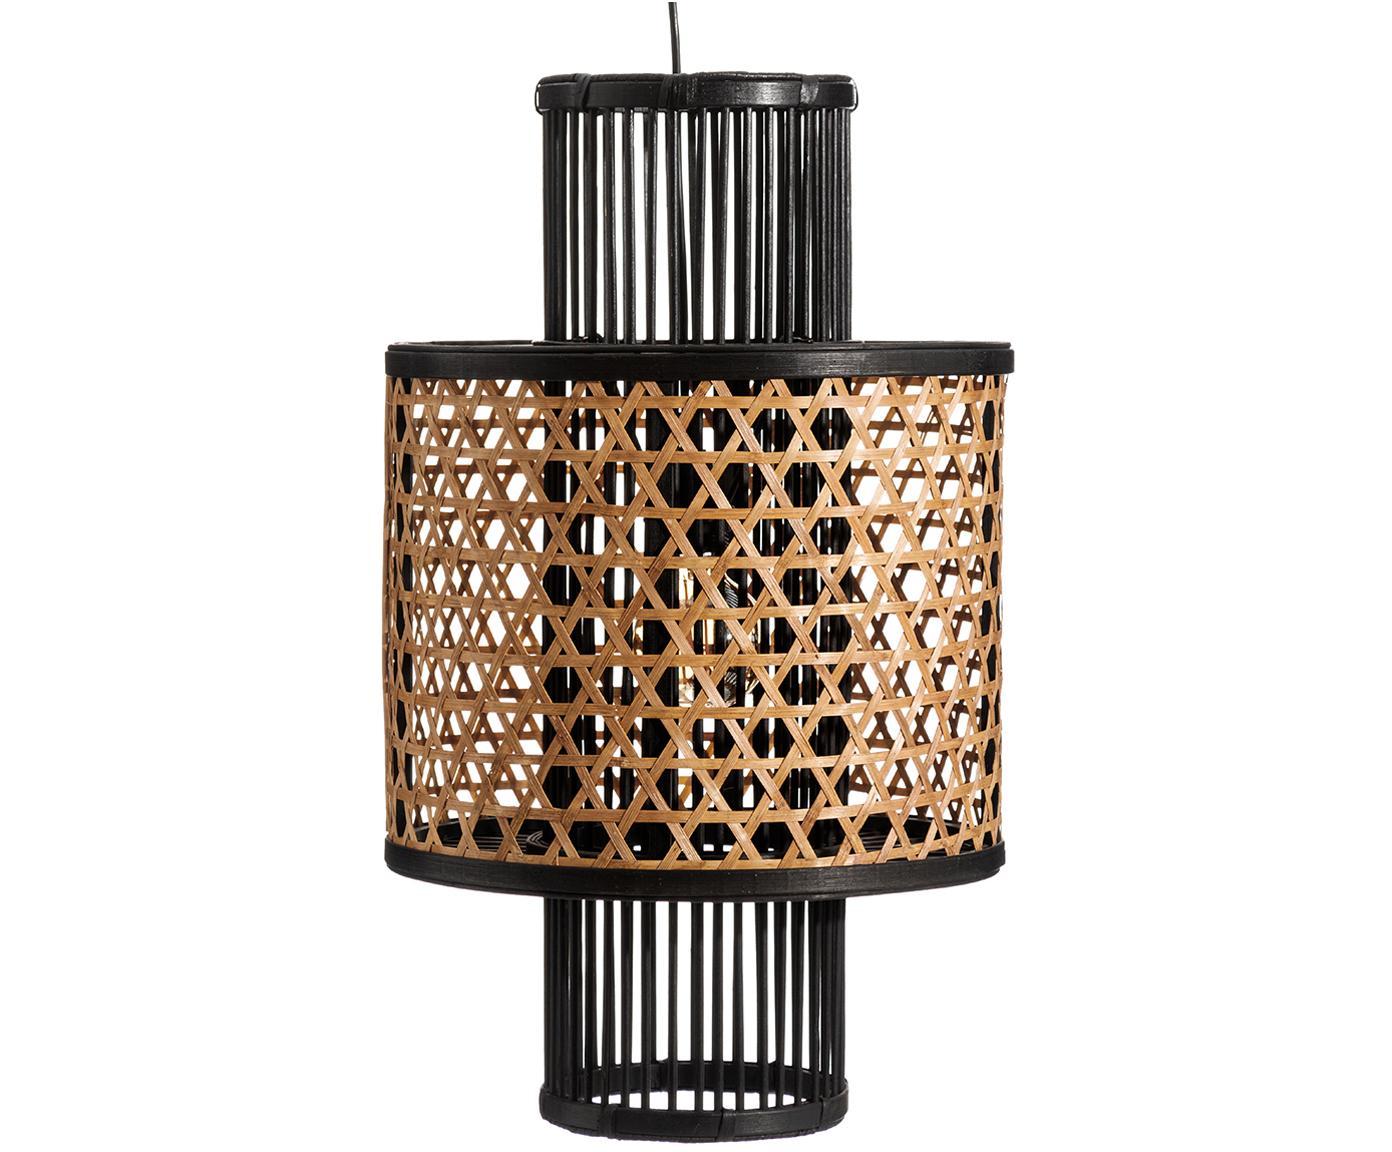 Lampada a sospensione Bamboo, Bambù, Beige, nero, Ø 36 x Prof. 36 cm